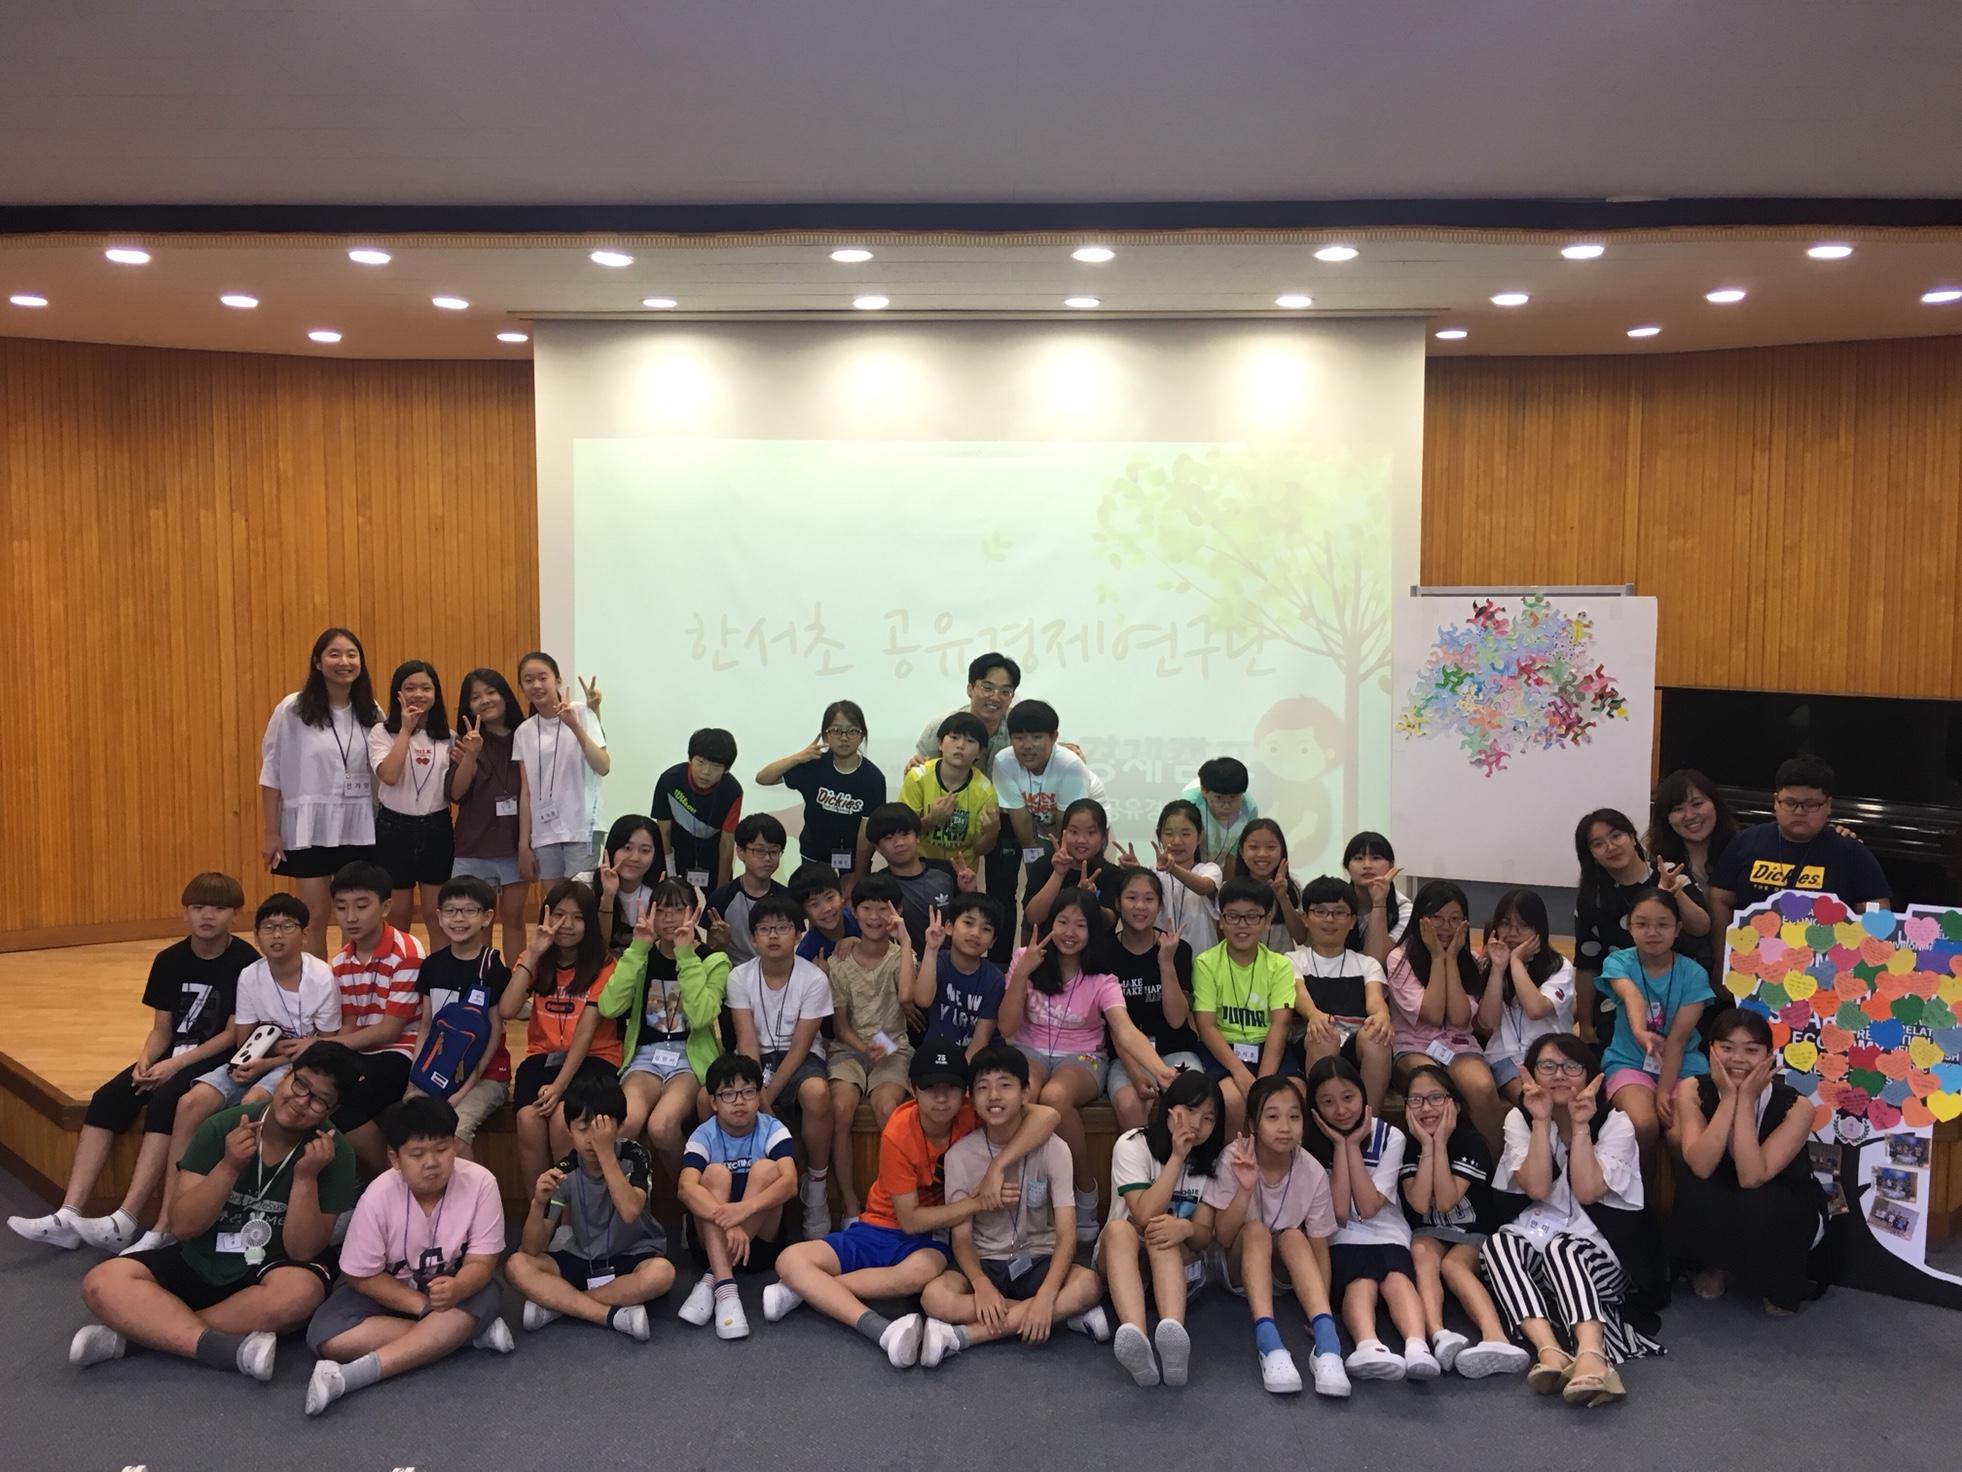 2018 마포구 공유촉진 사업-한서초등학교 공유경제캠프(3일차)